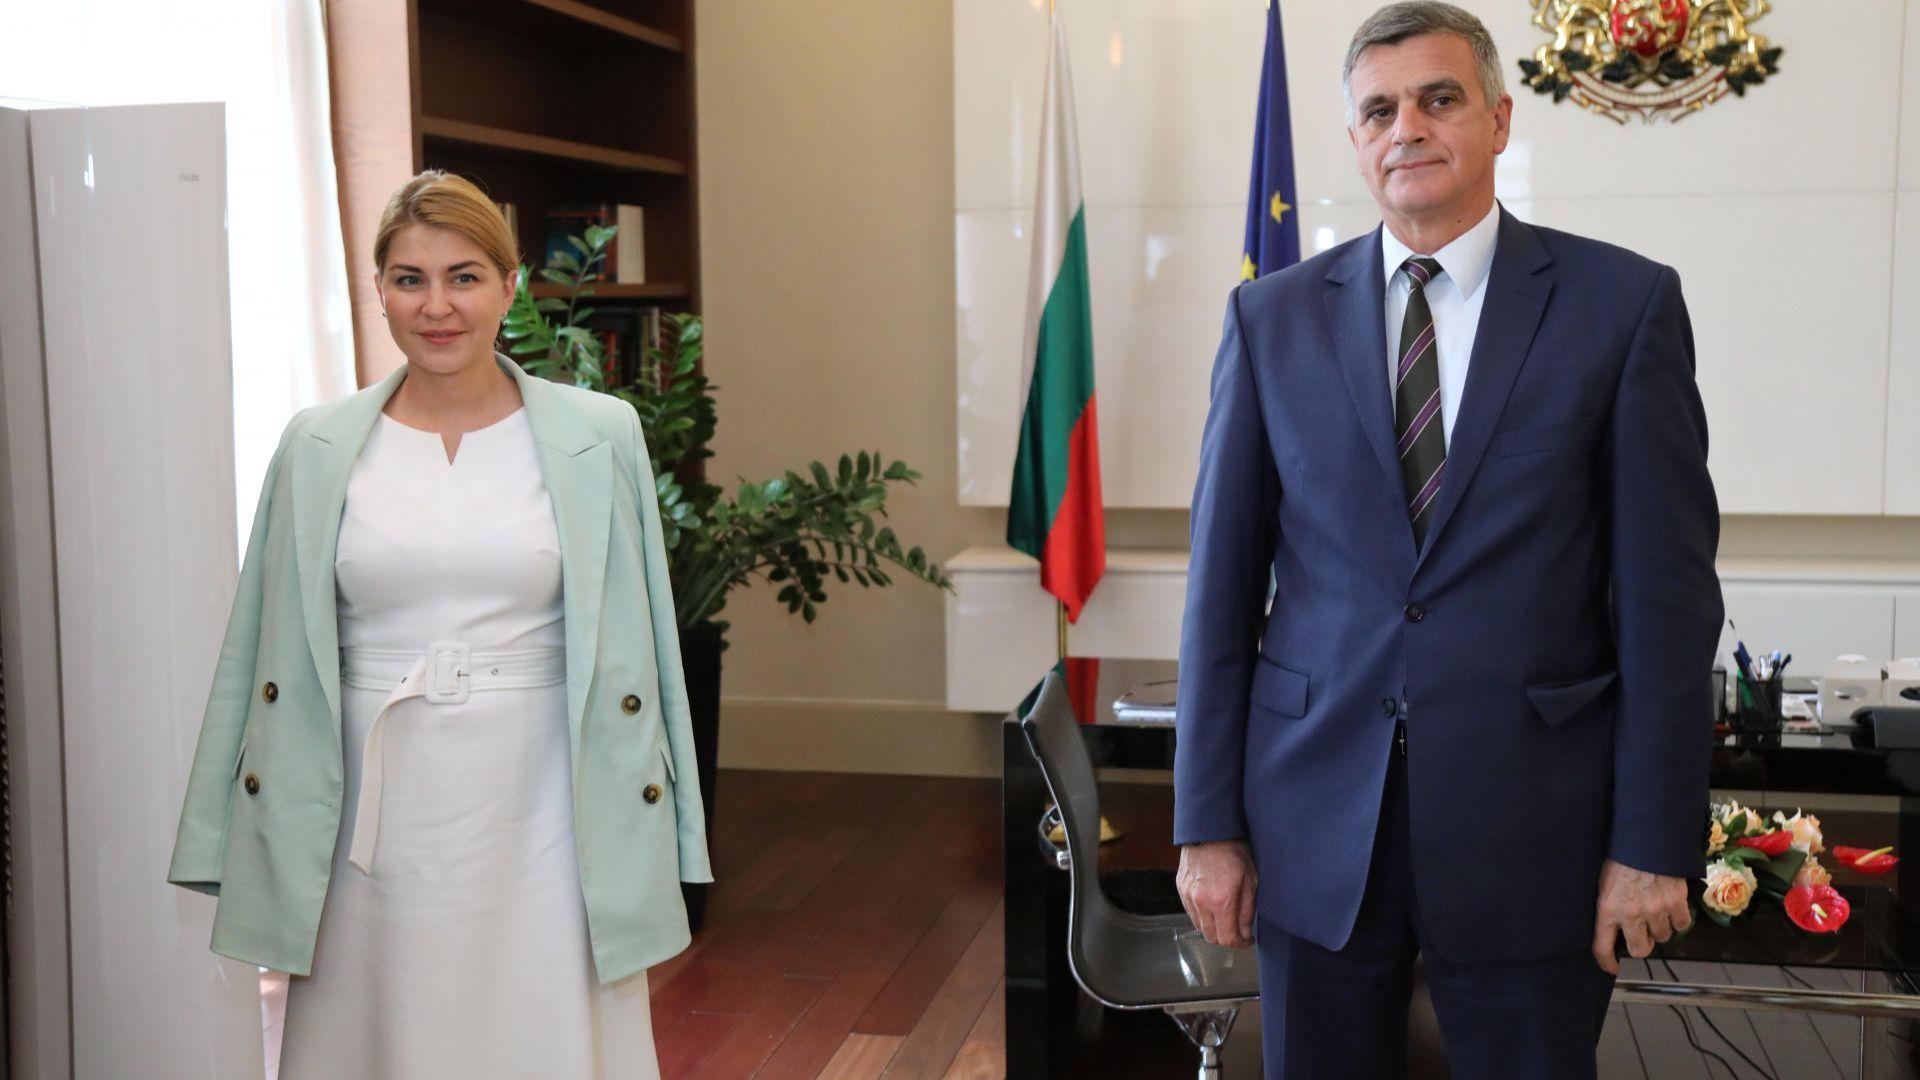 Стефан Янев се срещна със заместник-министър председателя на Украйна